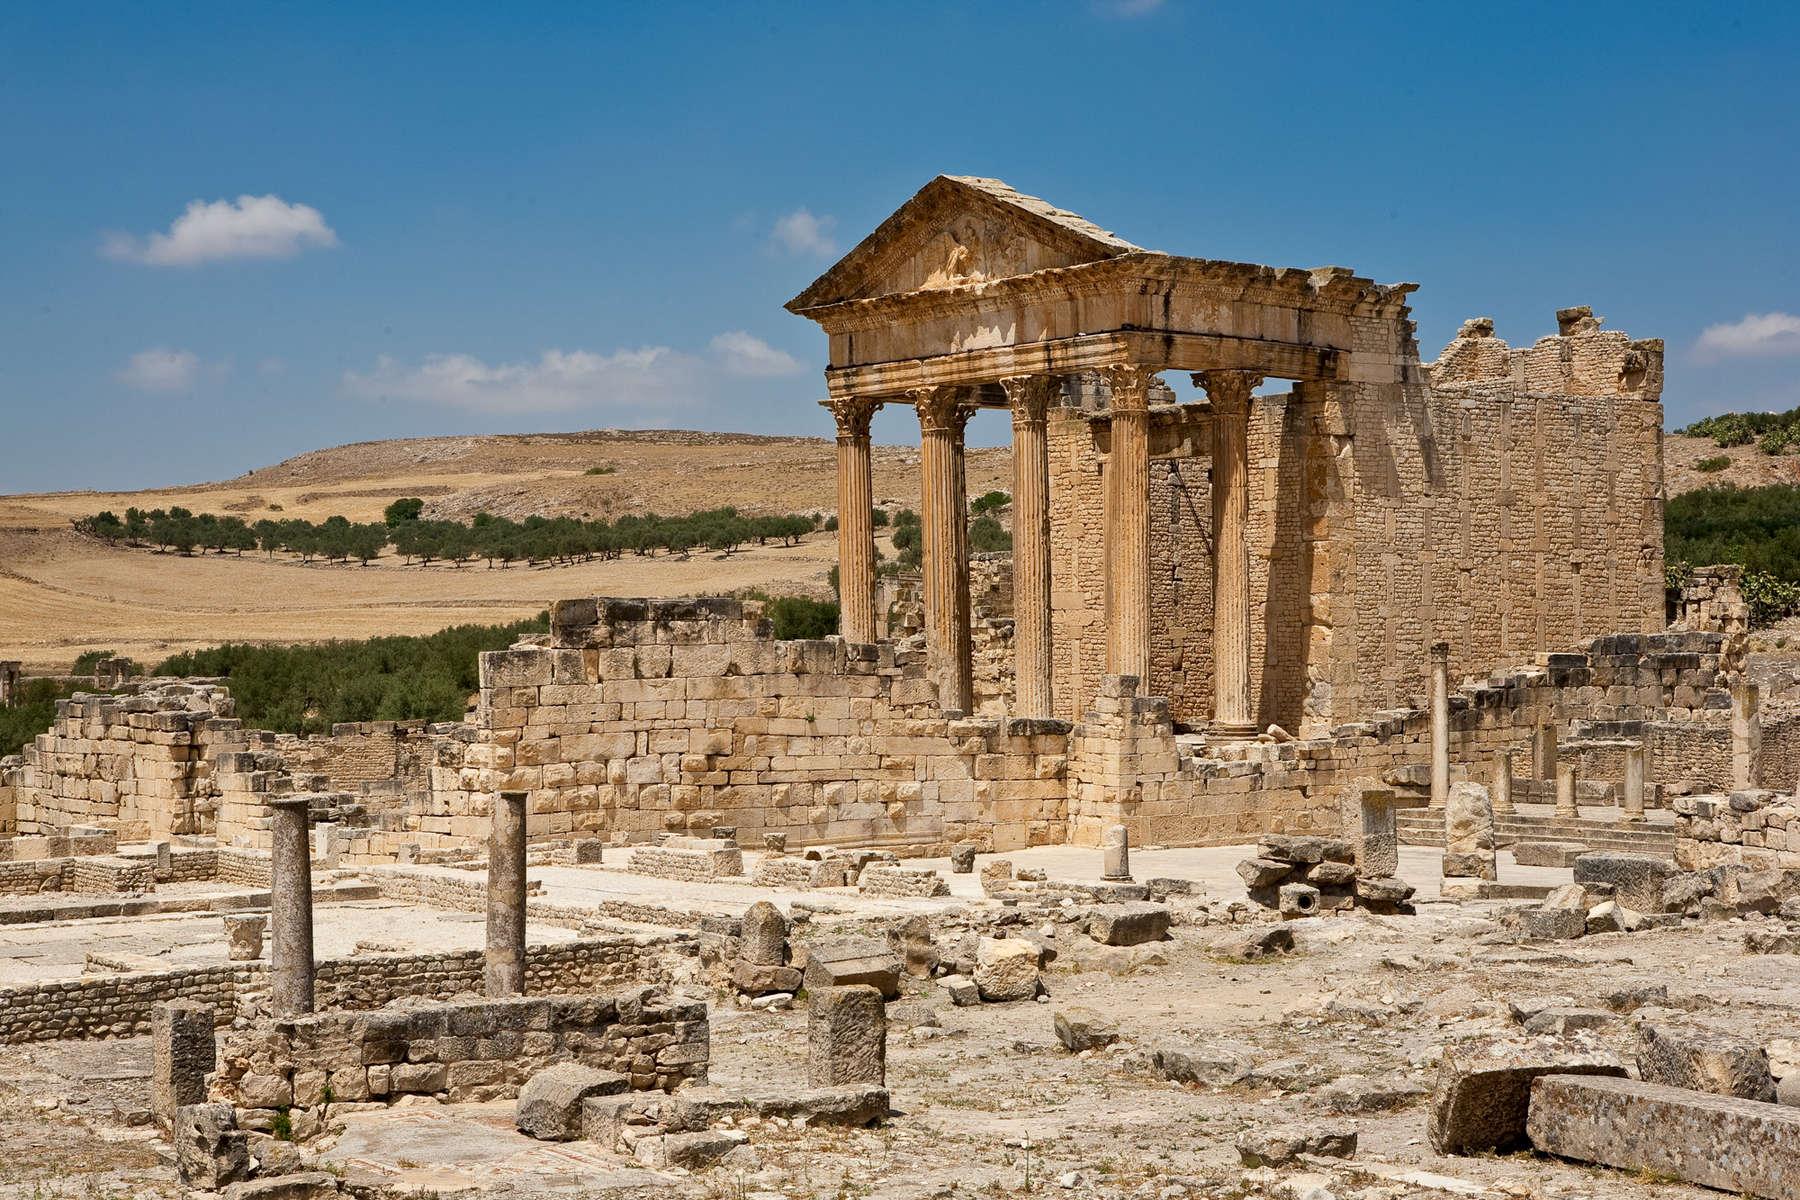 Roman ruins at Dougga.